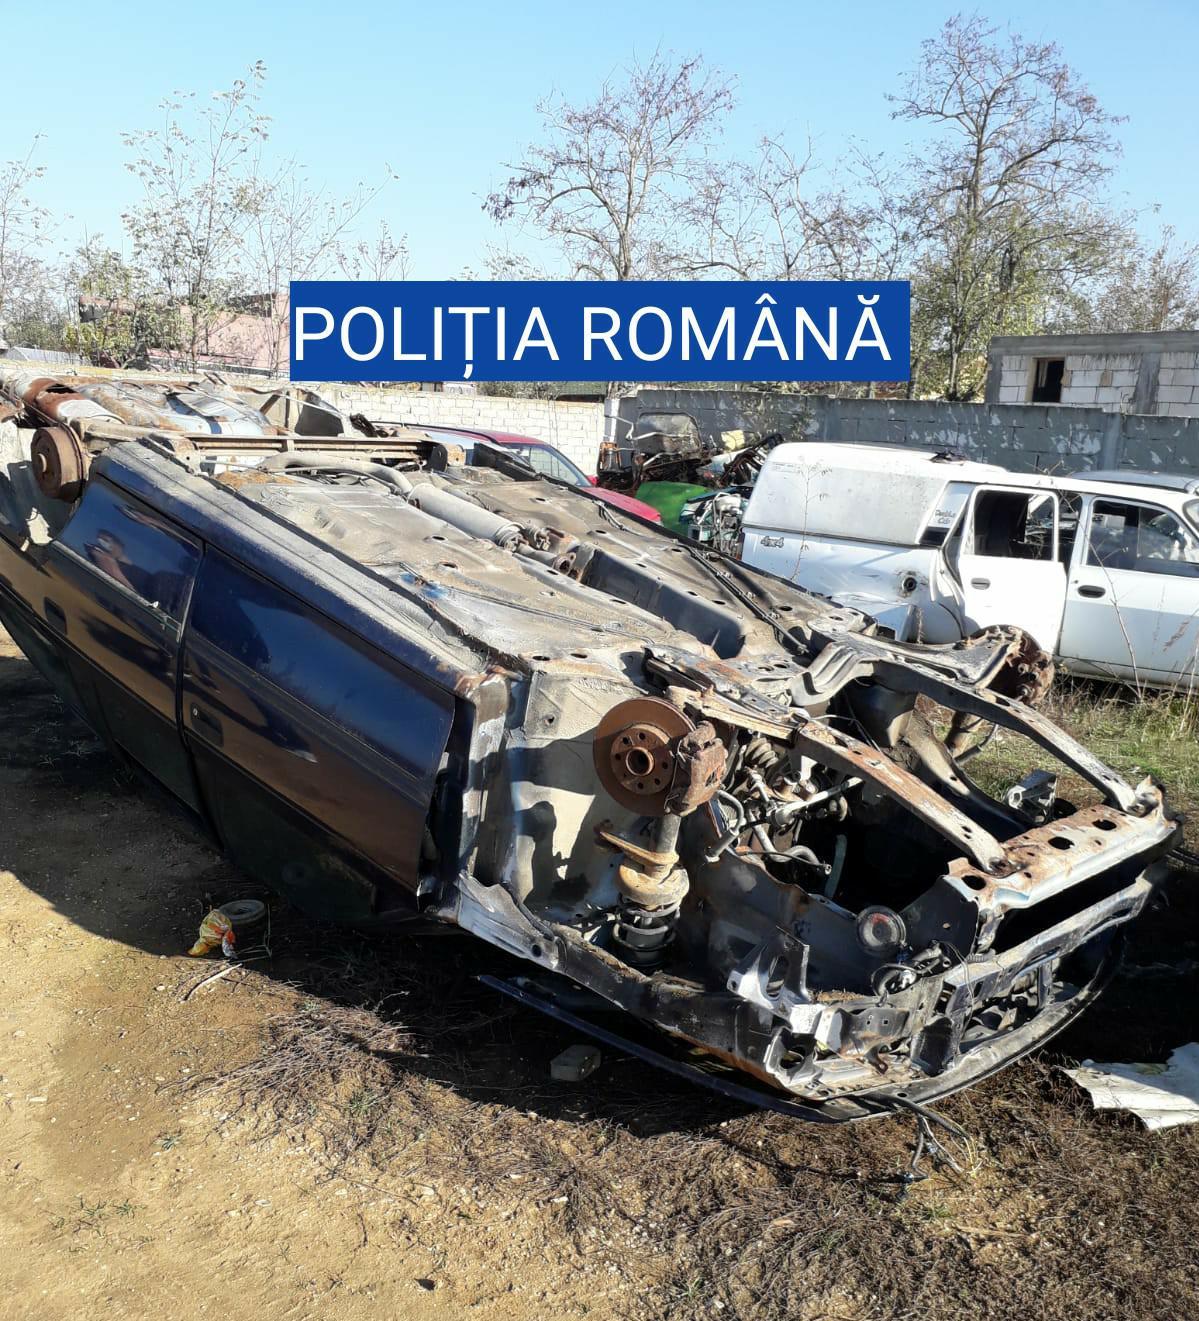 Olt: Dezmembra mașini și s-a trezit cu poliția în curte – GAZETA de SUD